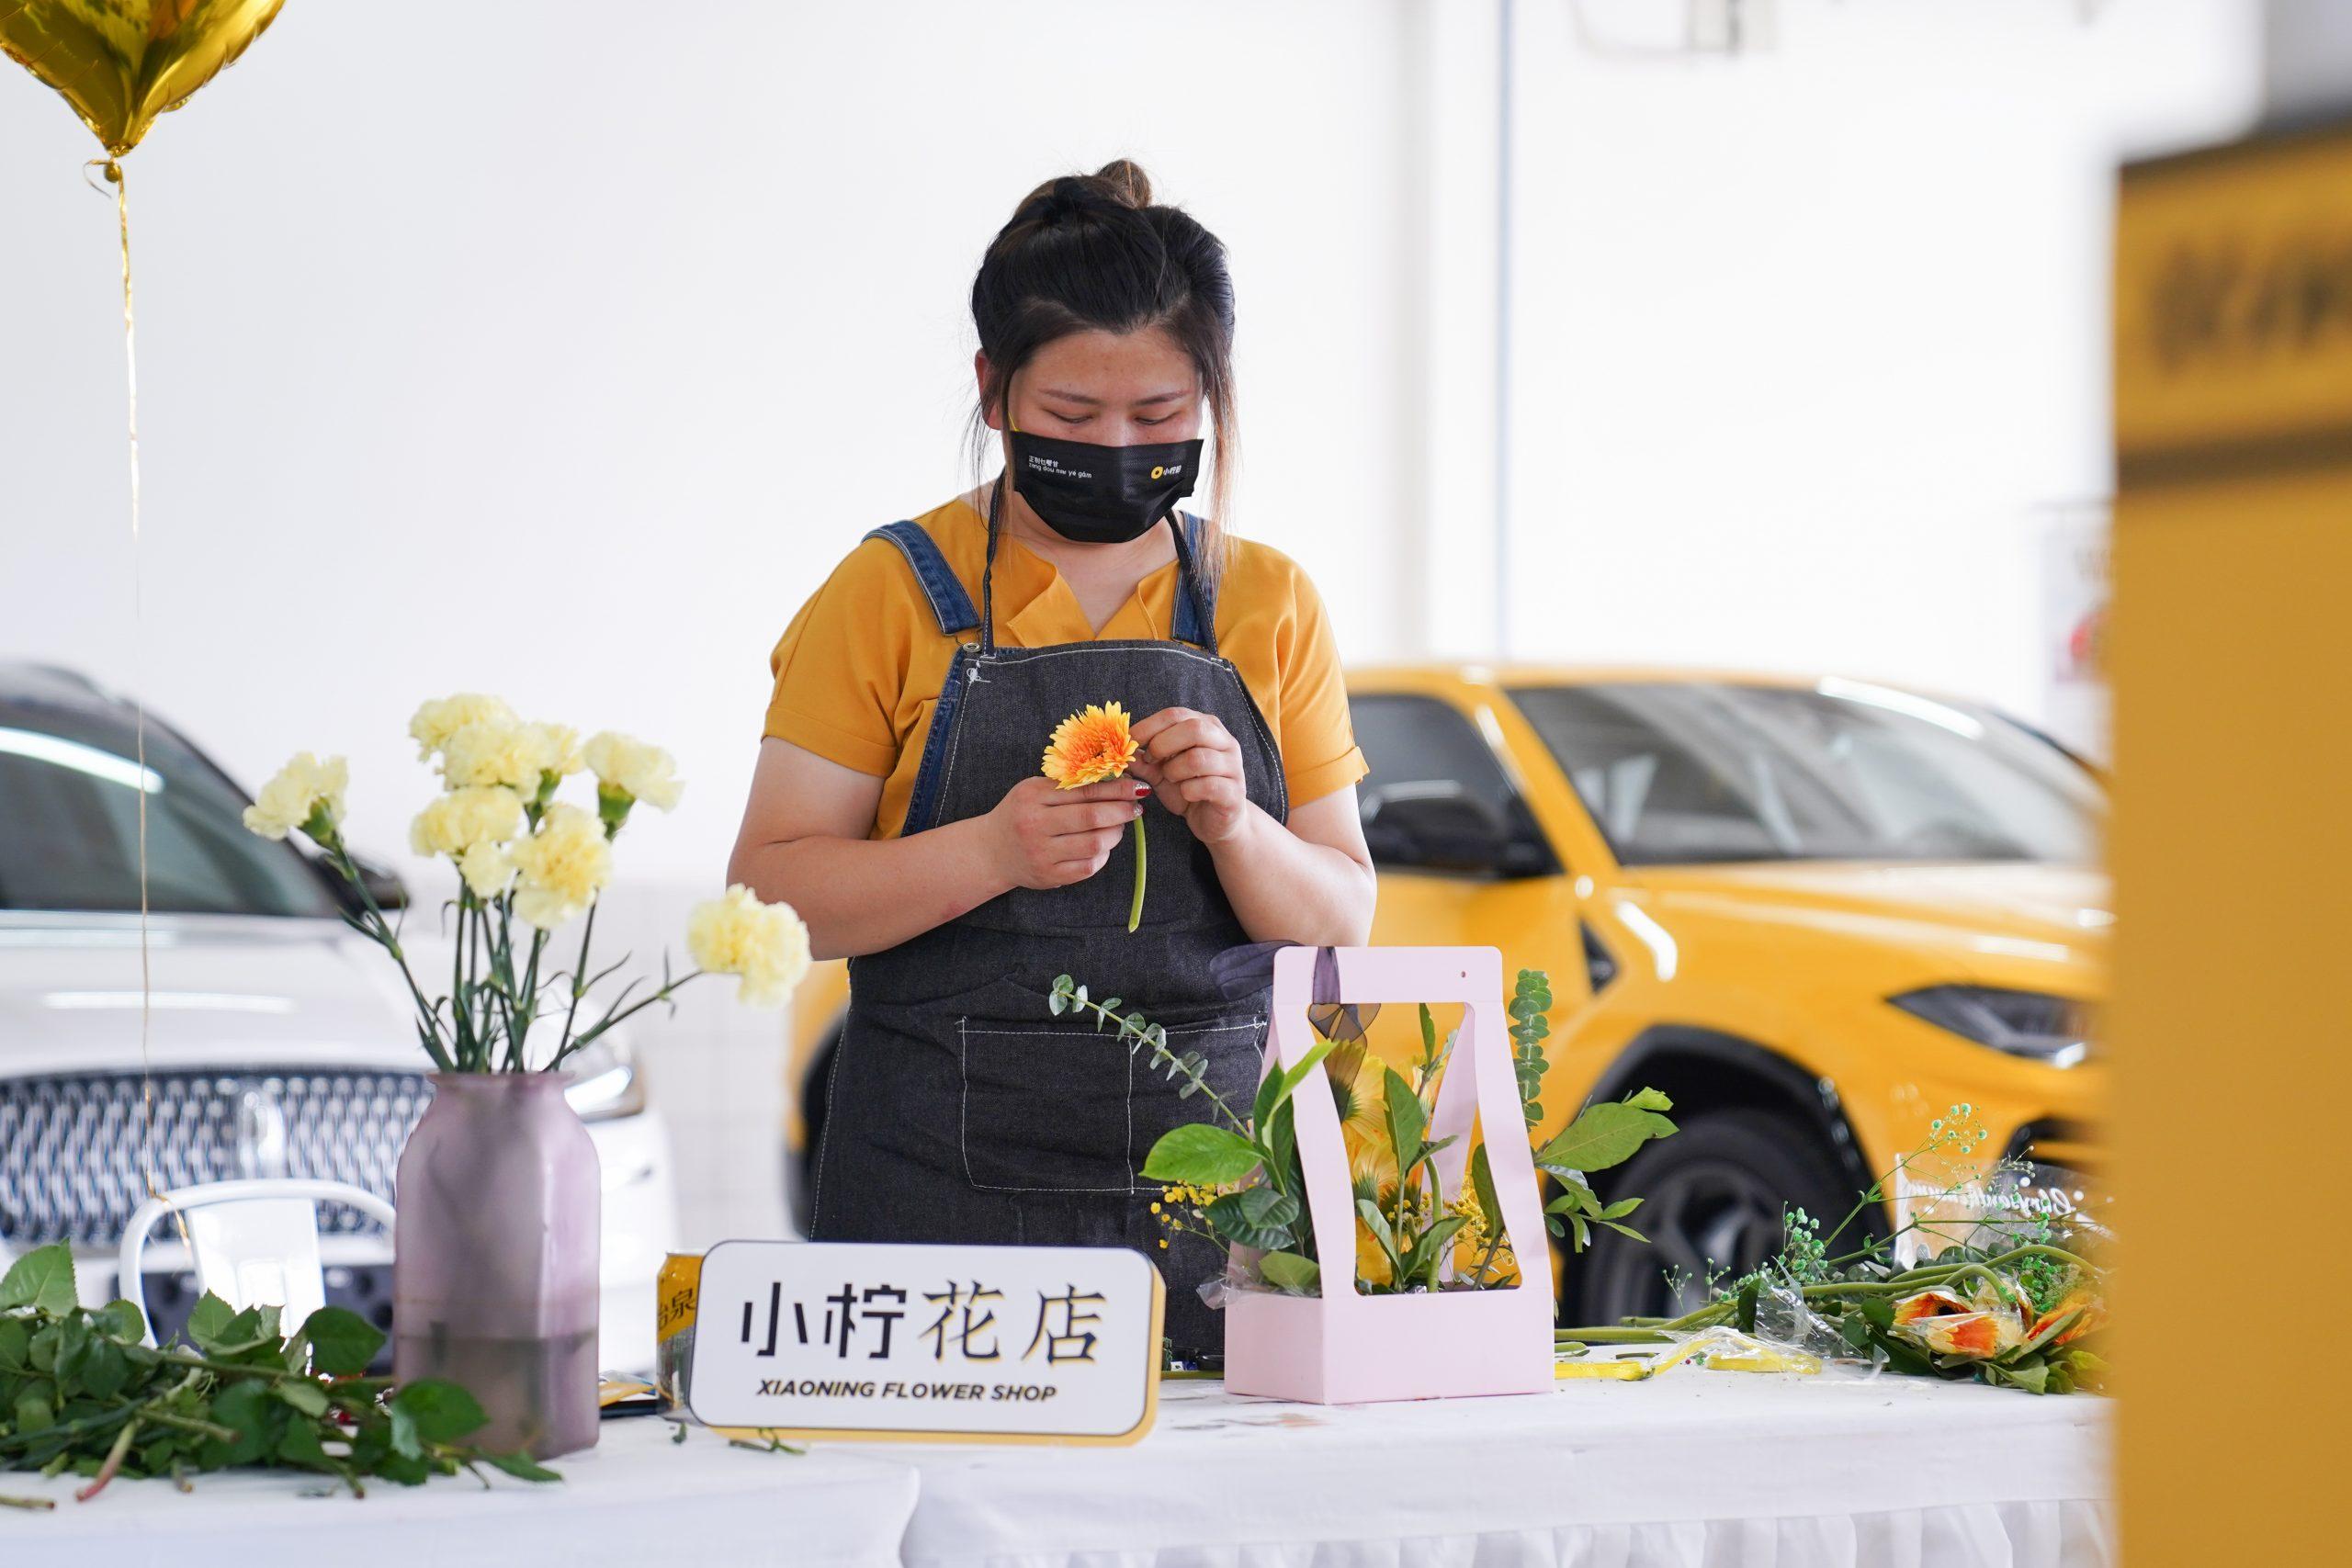 小柠拍市集服务周到,表演与花艺相伴3